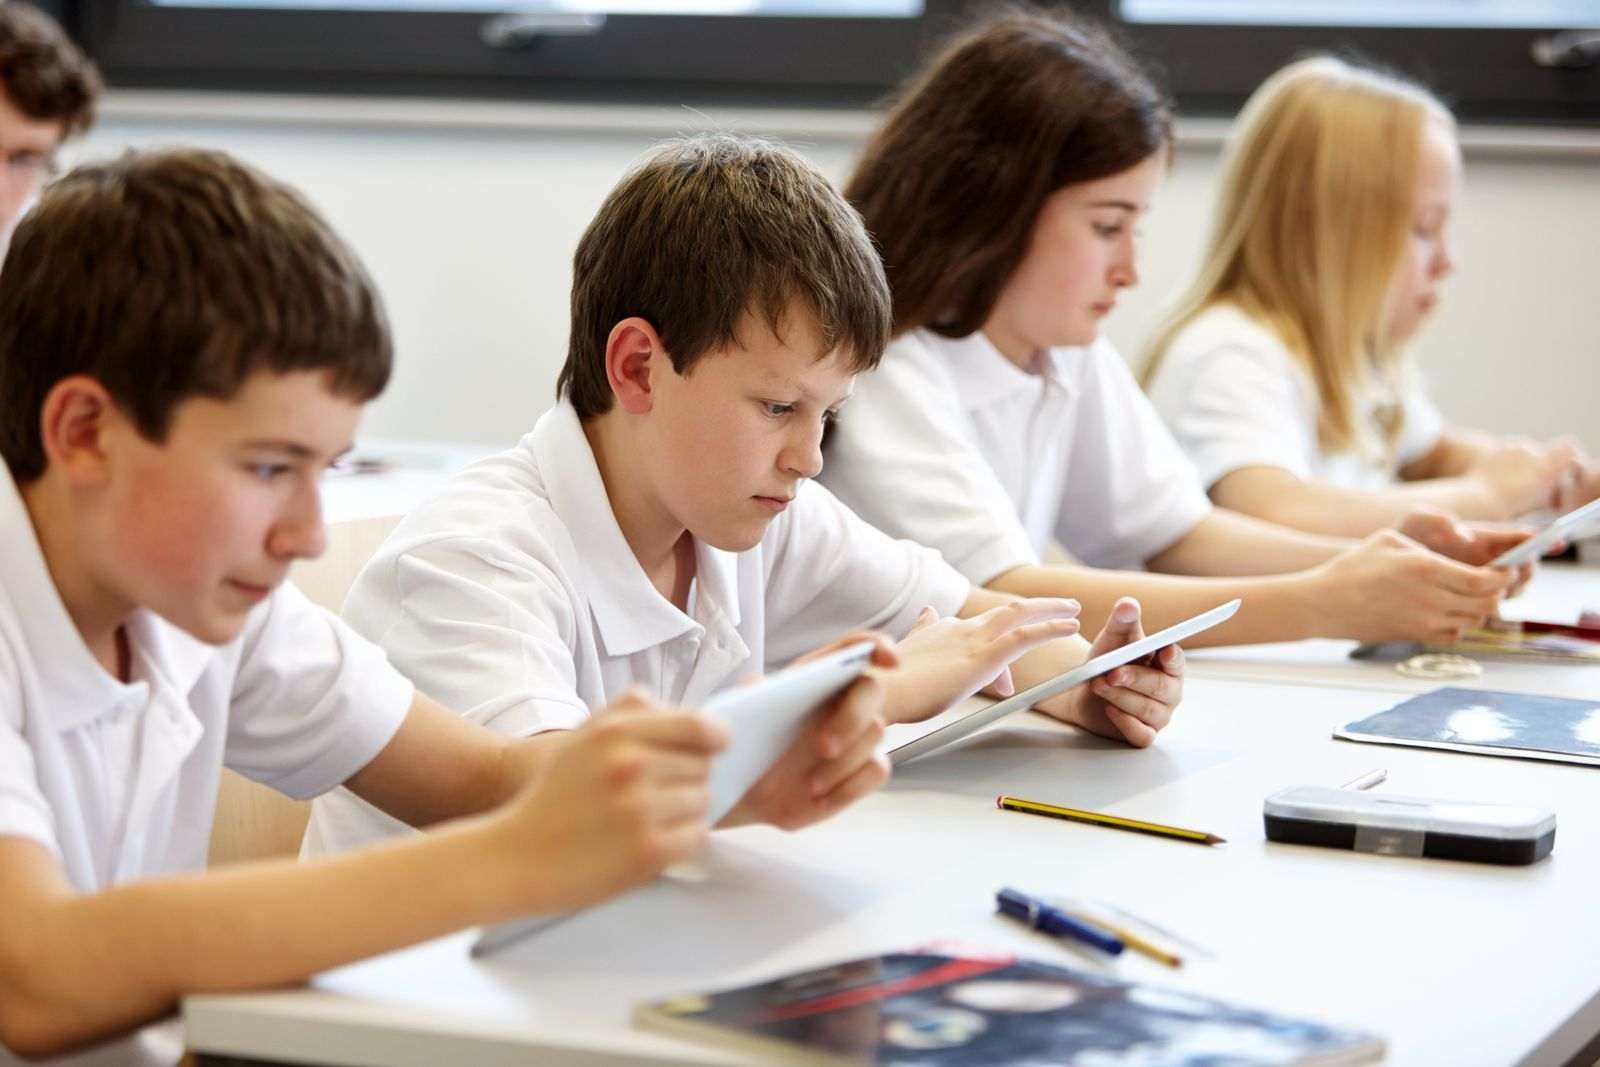 NICHT MEHR VERWENDEN! - Tablet / Schule / Schüler / Computer